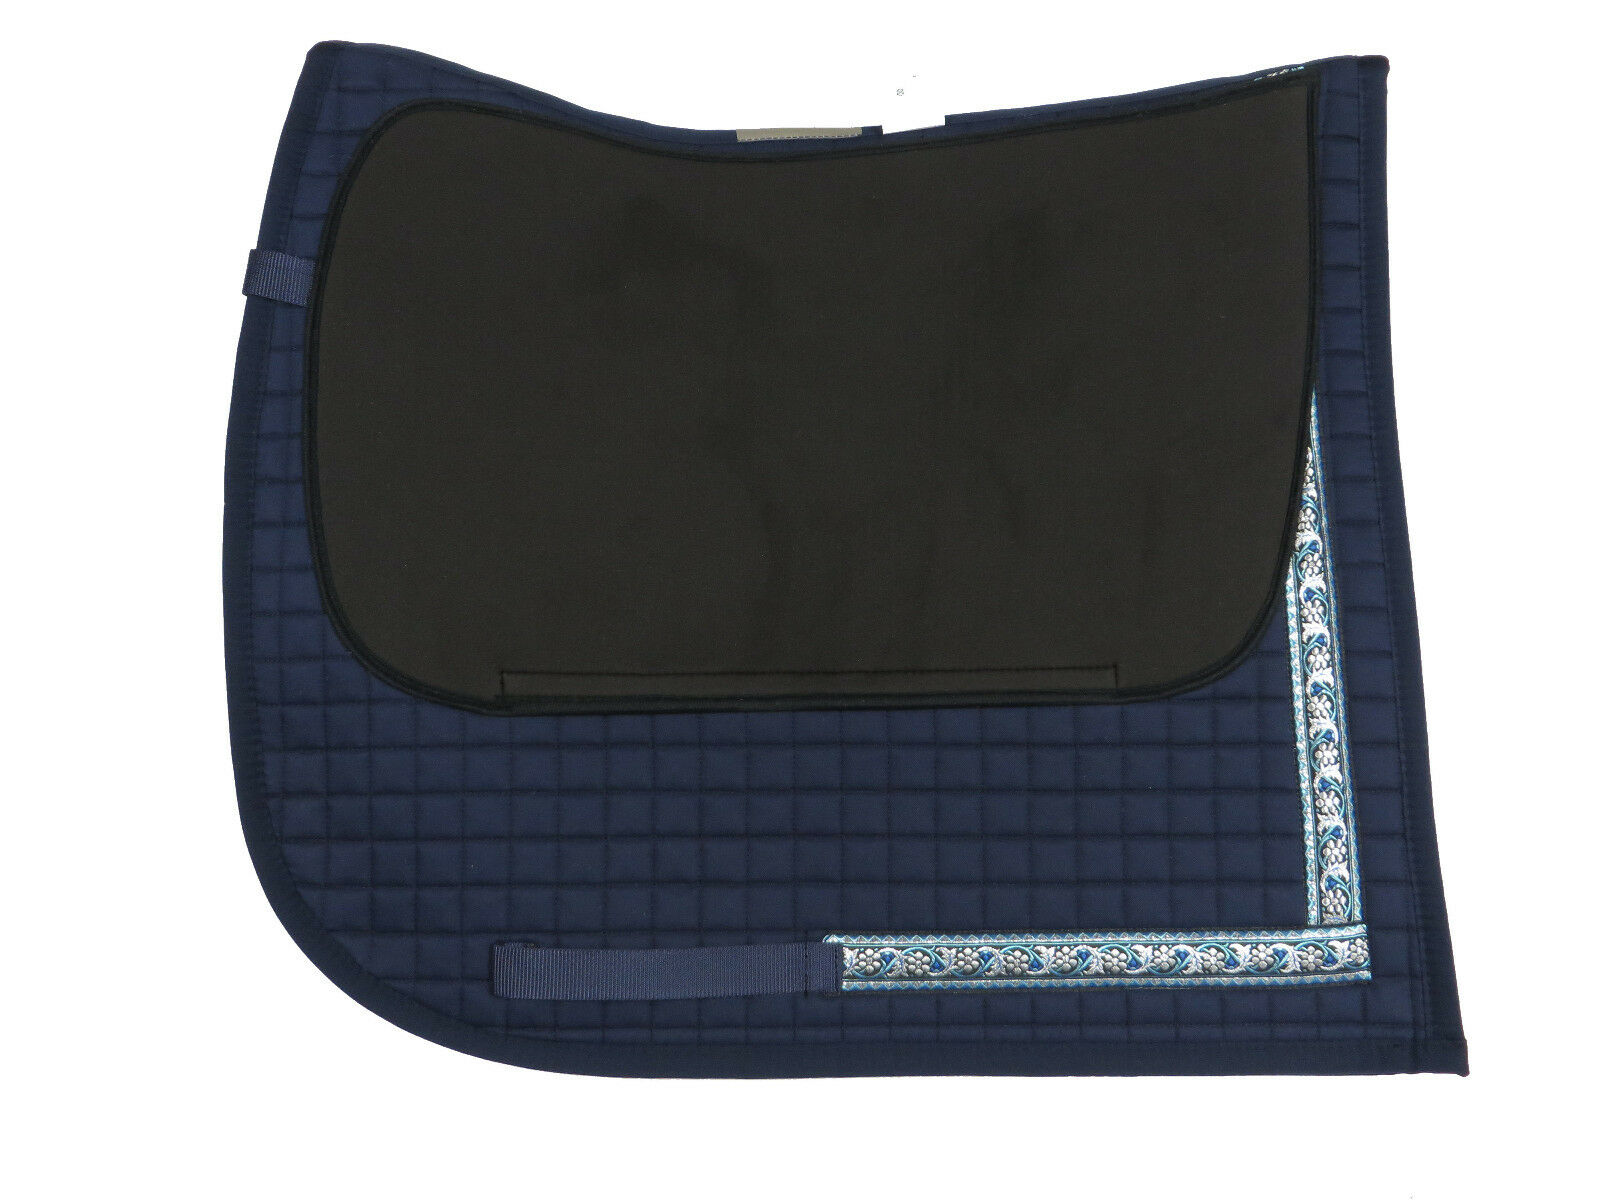 Barock Schabracke Navy hübsche Borte polsterbaren Taschen Taschen Taschen mit Lammfell möglich d8c9db